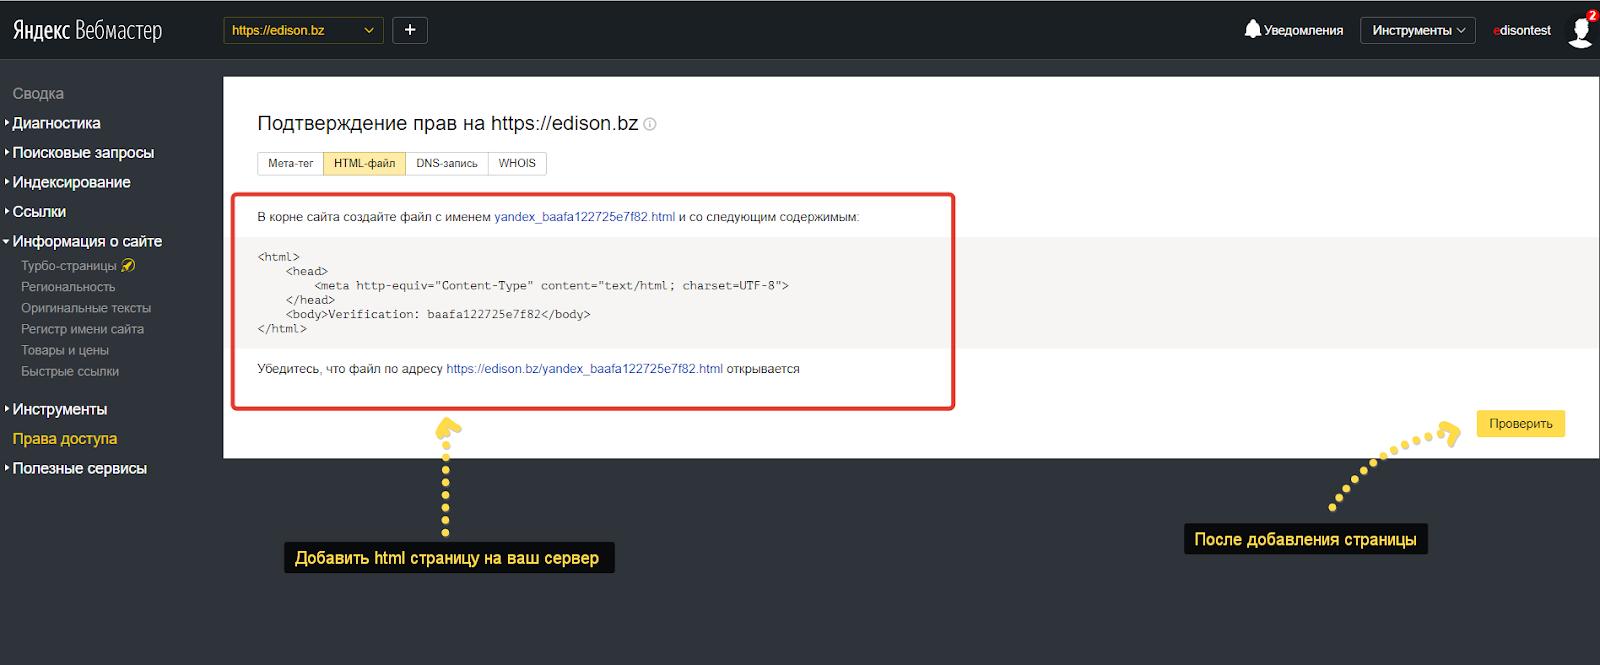 Подтверждение прав сайта в Яндекс Вебмастере через html файл